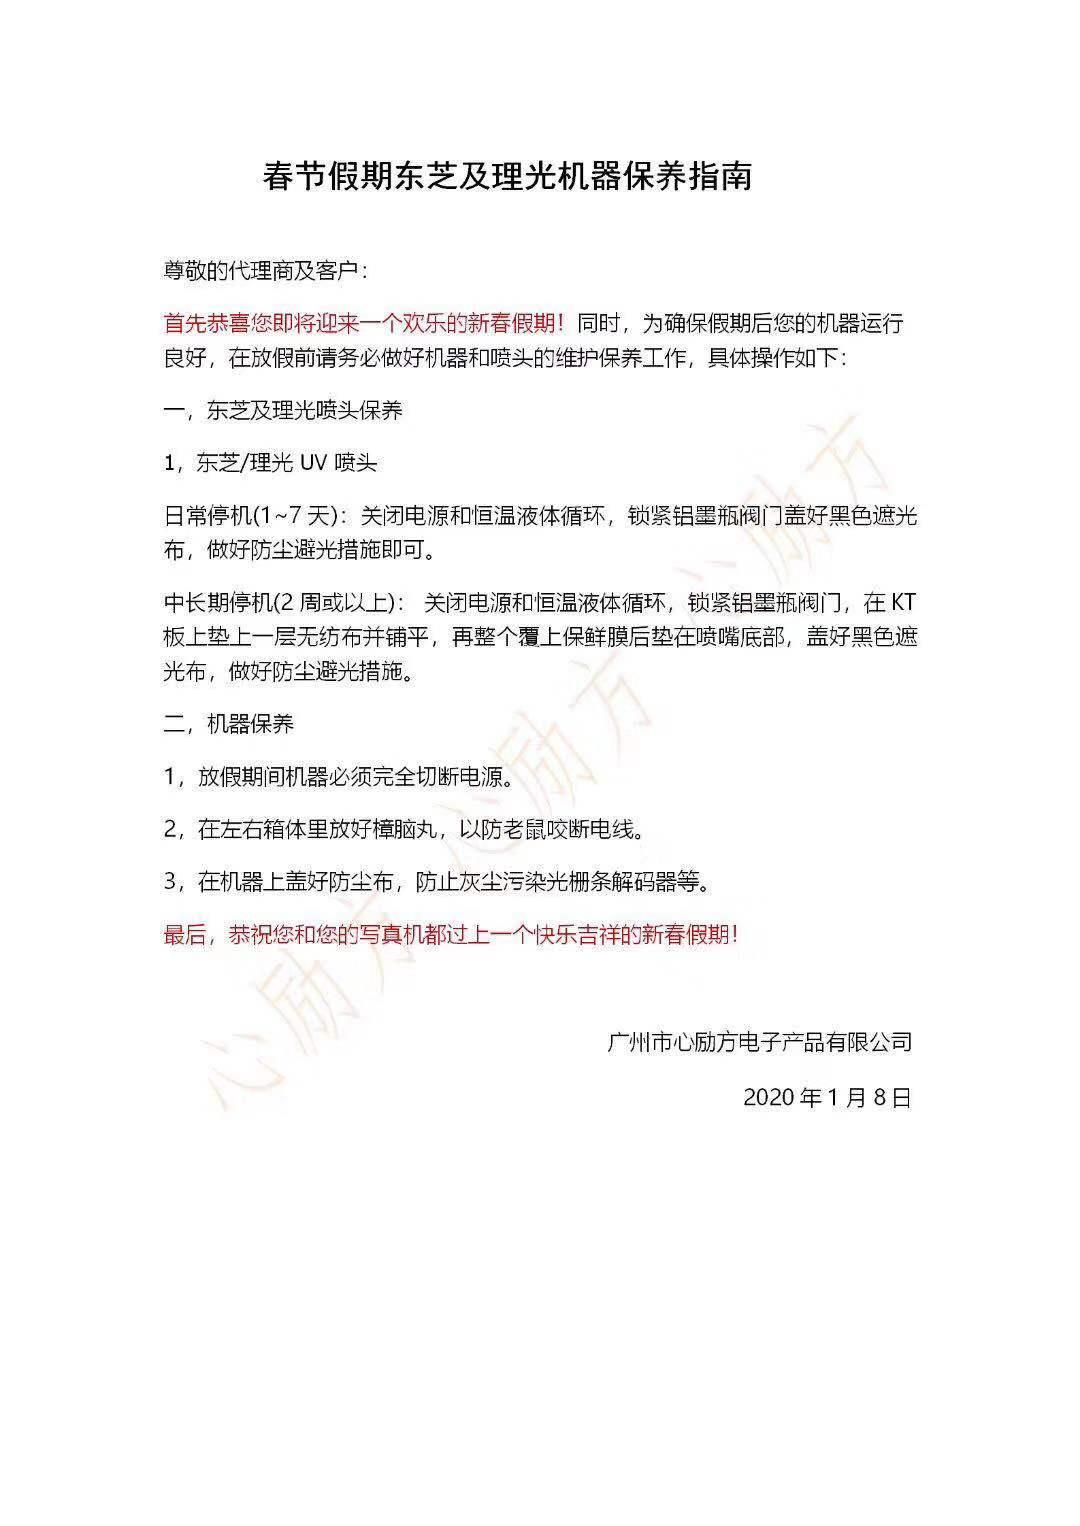 成都鑫飞腾数码科技有限公司公告